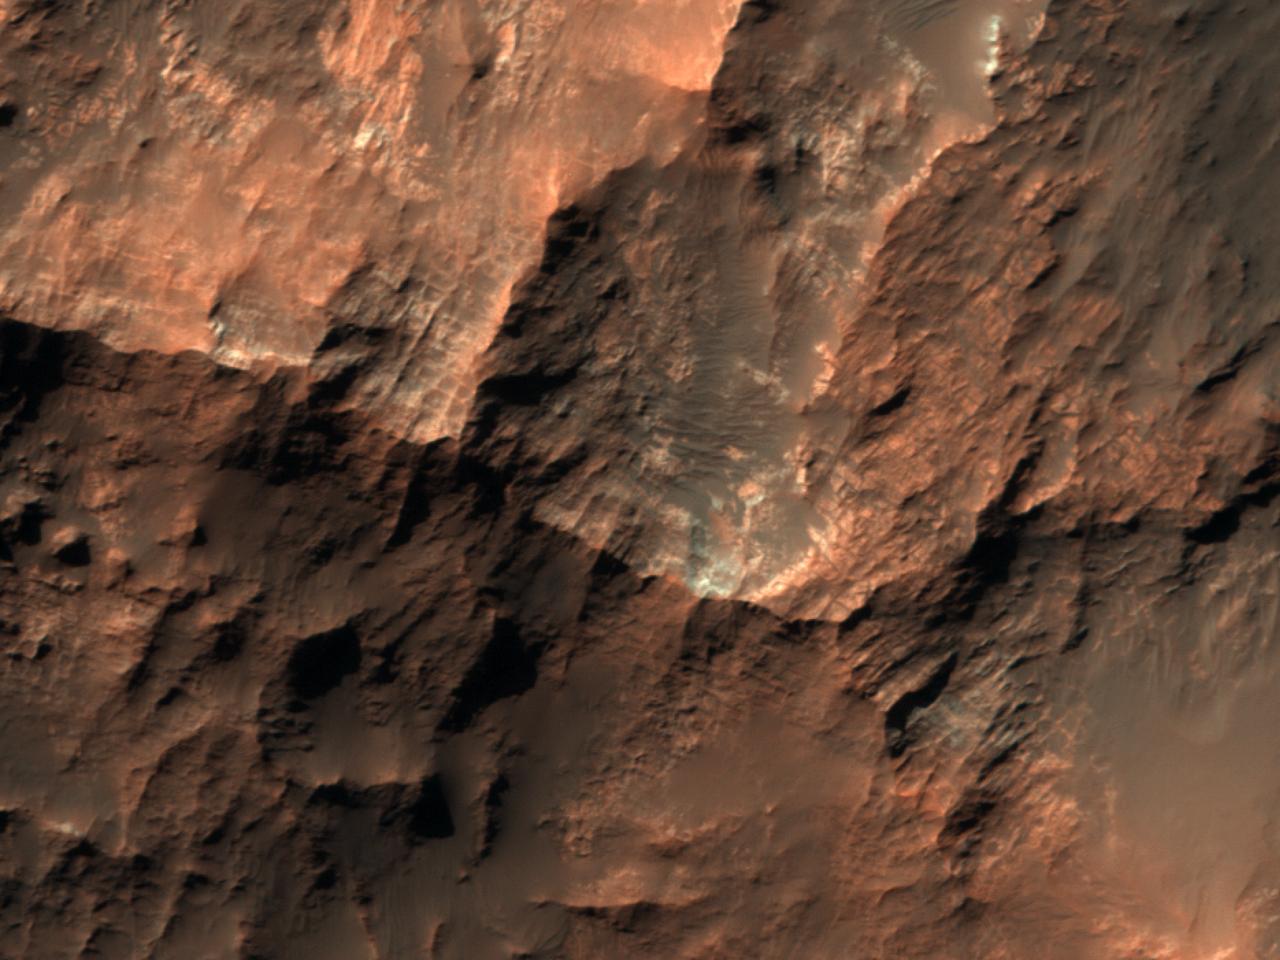 Светлый материал в центре кратера в бассейне хаоса Gorgonum Chaos